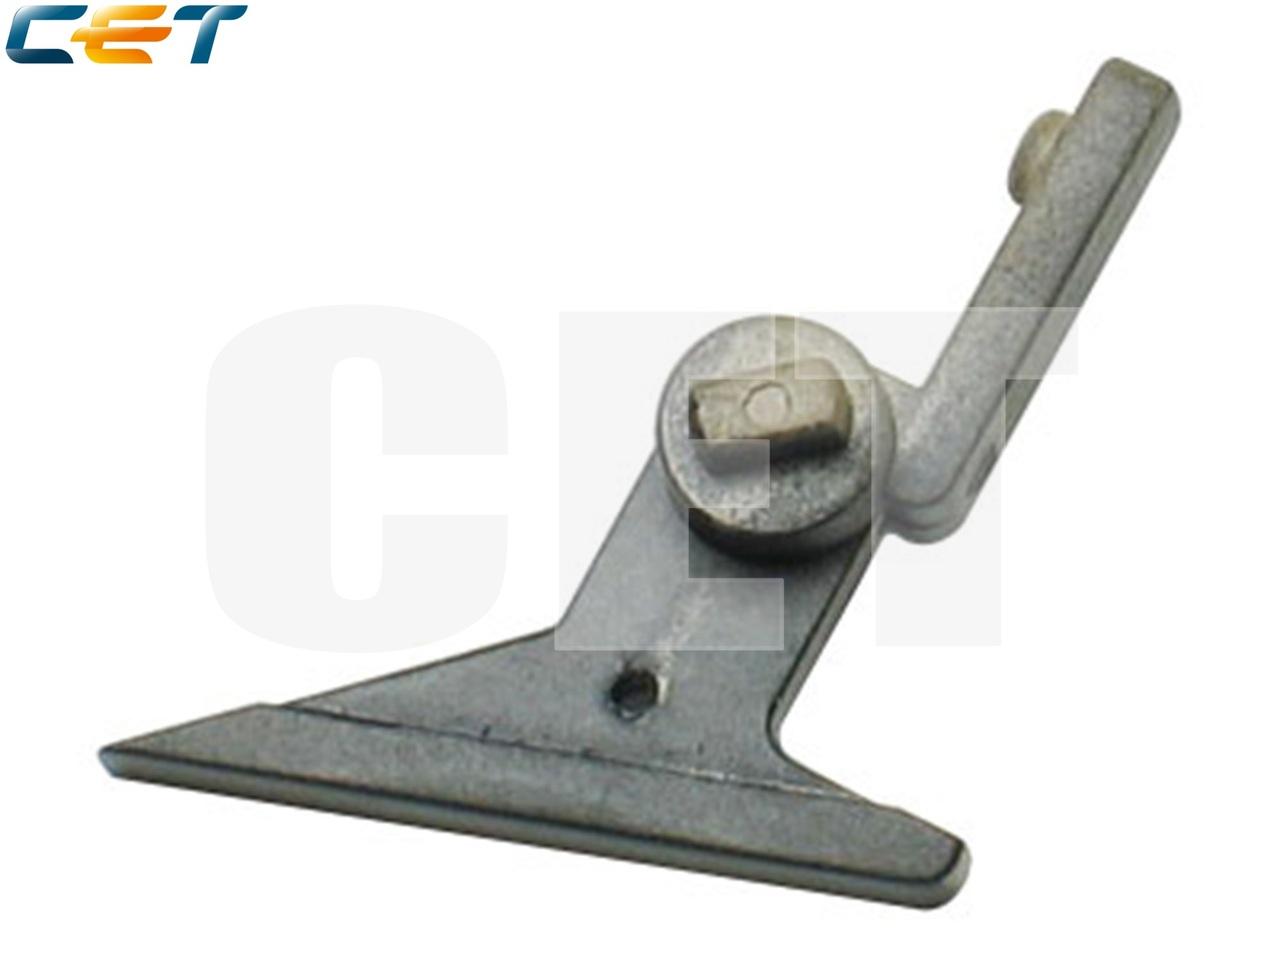 Сепаратор тефлонового вала AE04-4025 для RICOH Aficio1027/2027/MP2510/2553 (CET), CET6128